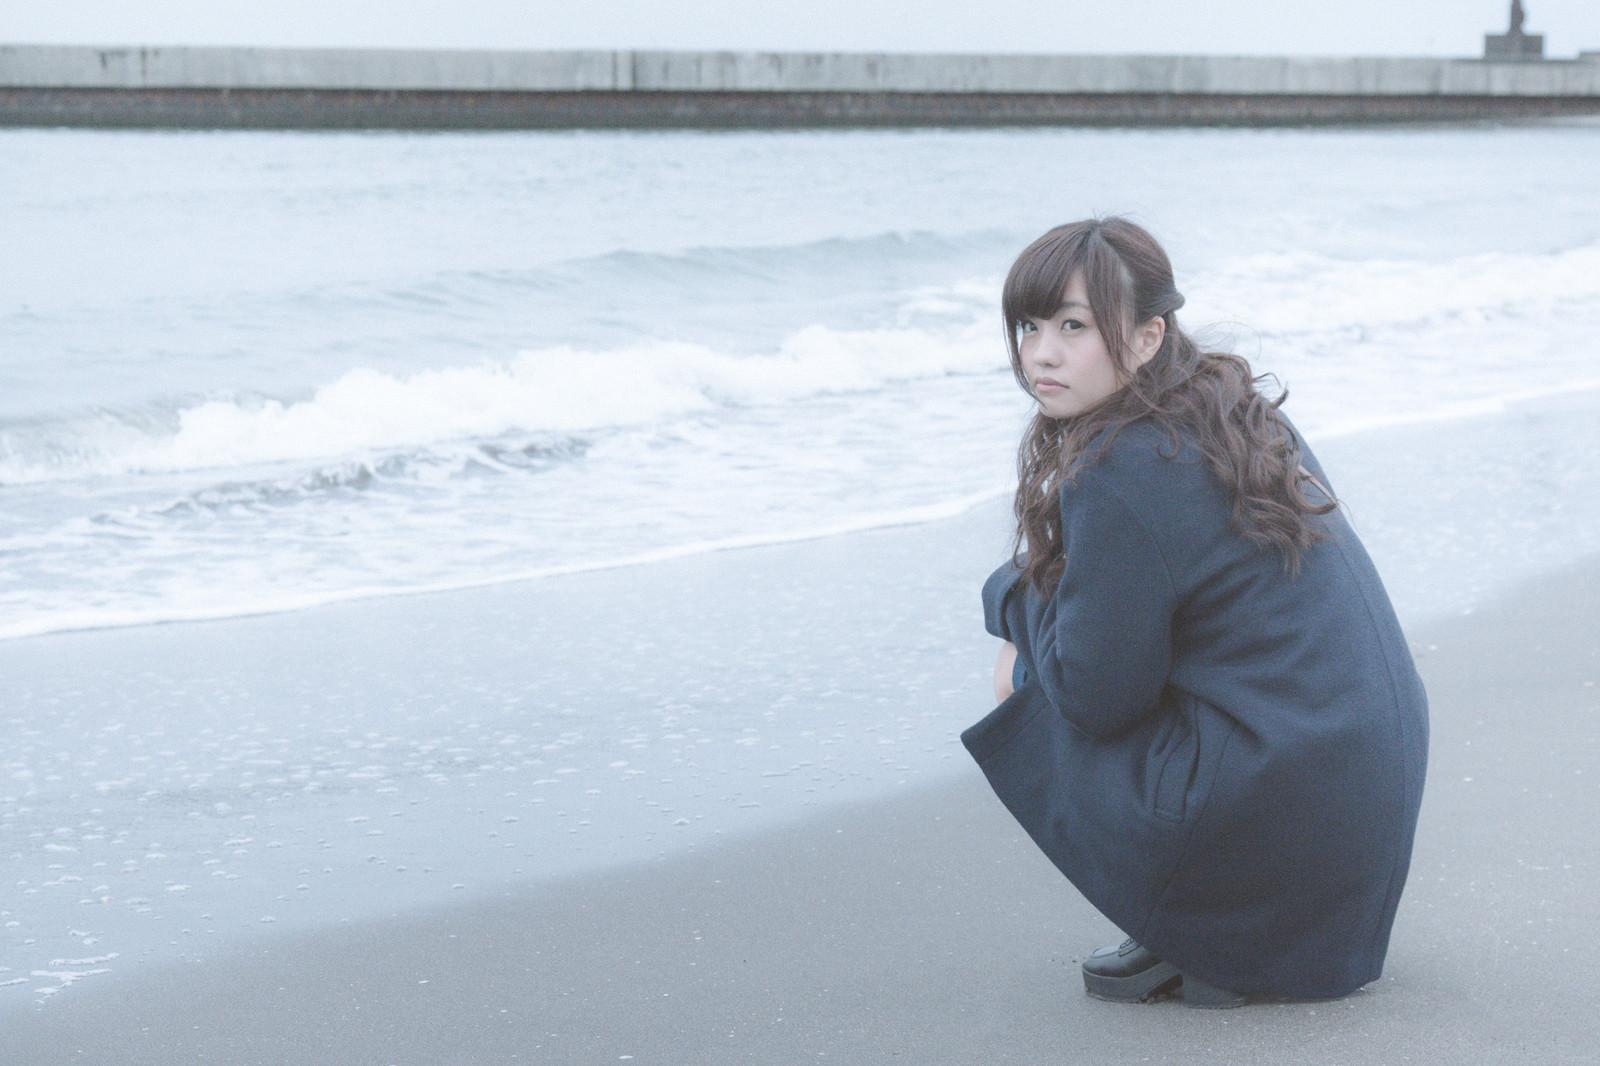 人生なんとかなると言いながら浜辺に座り込んでいる女性の画像